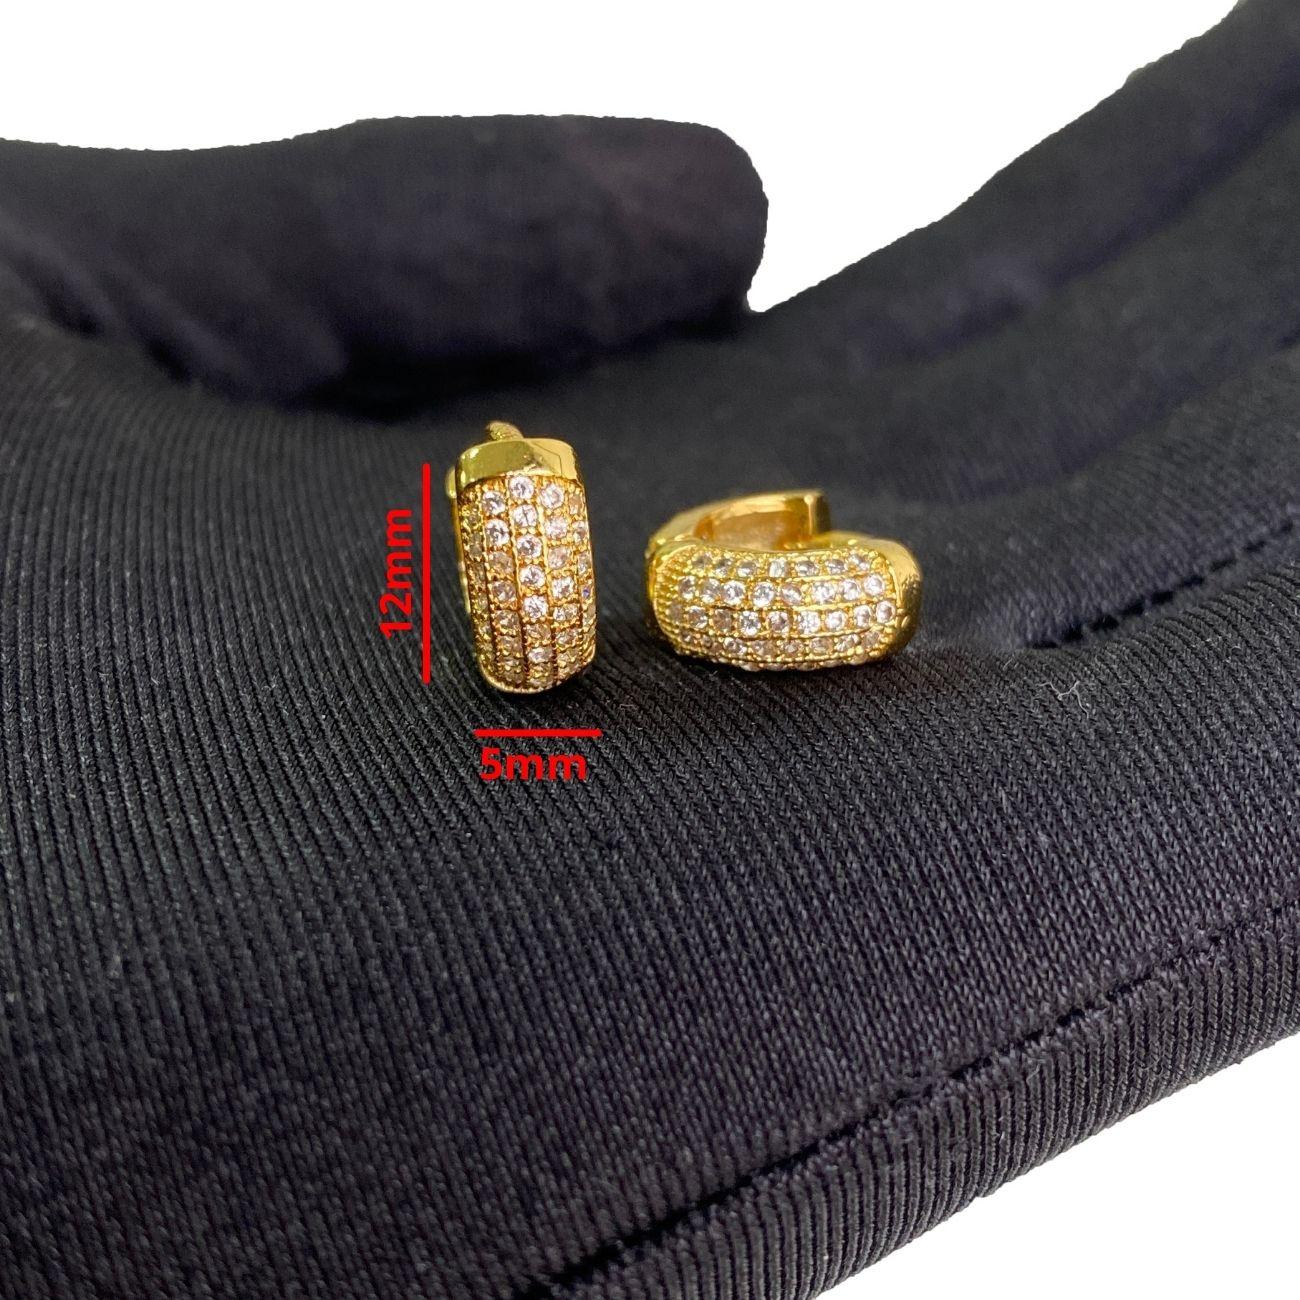 Brinco Argola Cravejada em Zircônia 39 pedras (Banho Ouro 24k)